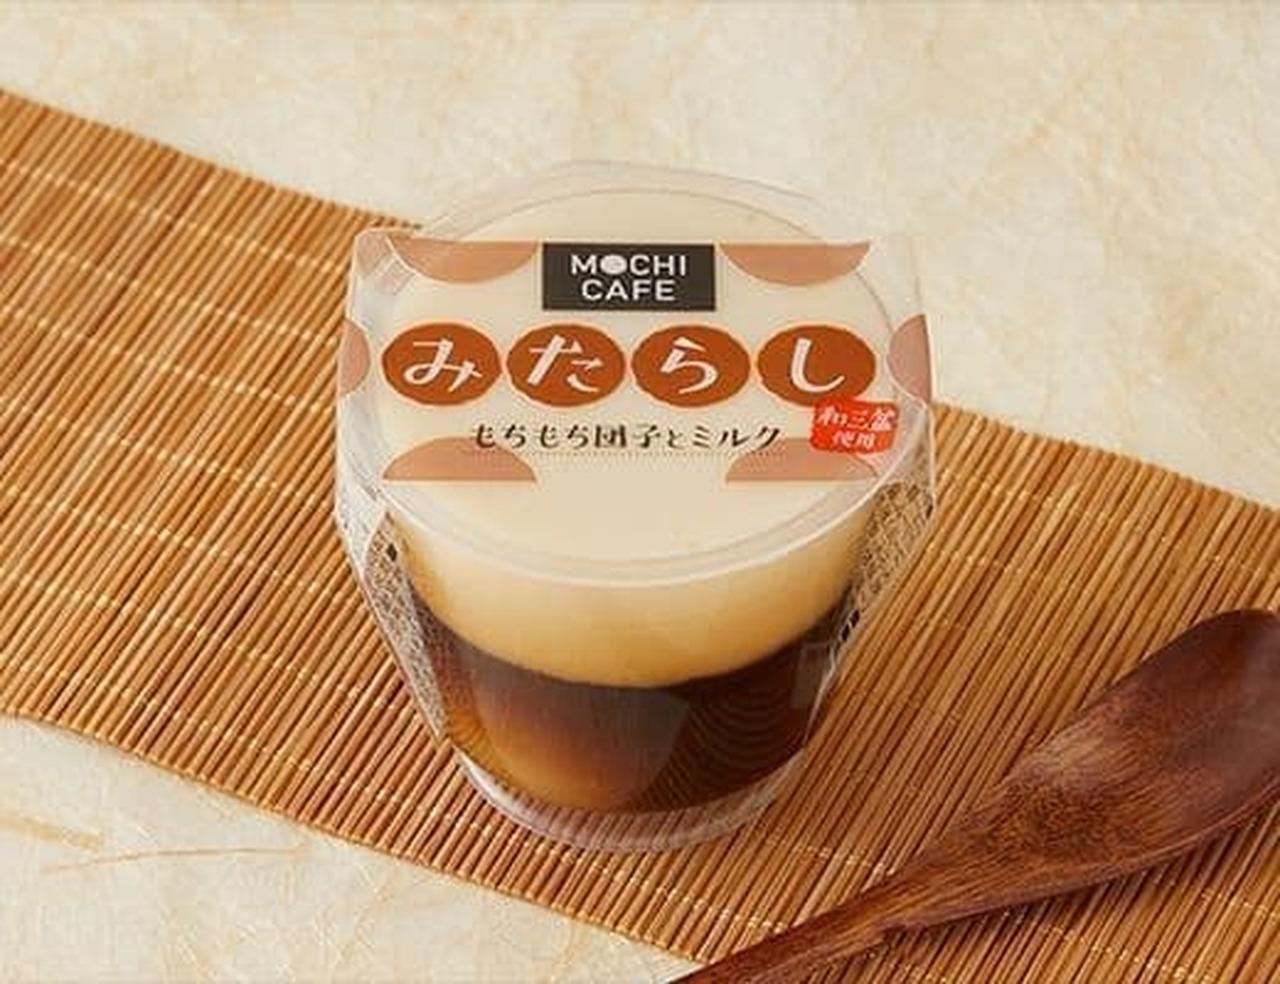 徳島産業 もちカフェ クリームみたらし 120g